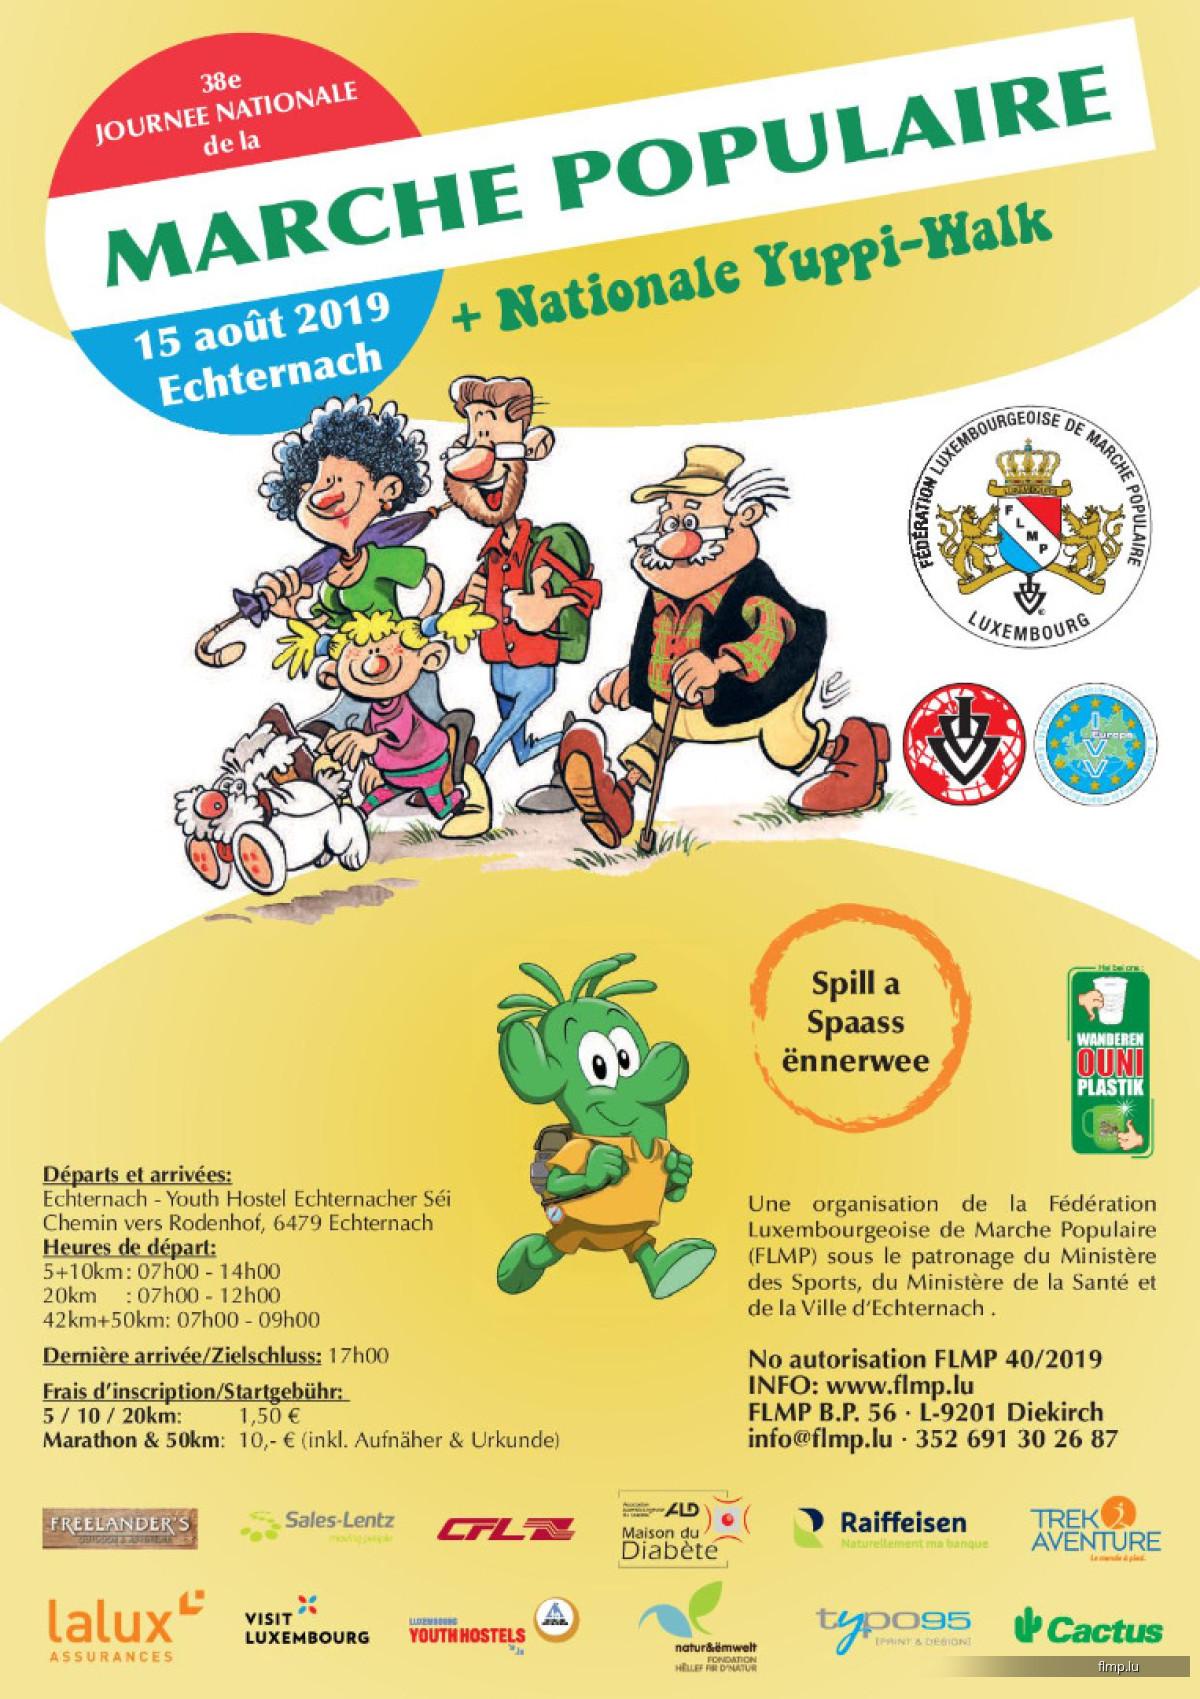 Journée Nationale de la Marche Populaire